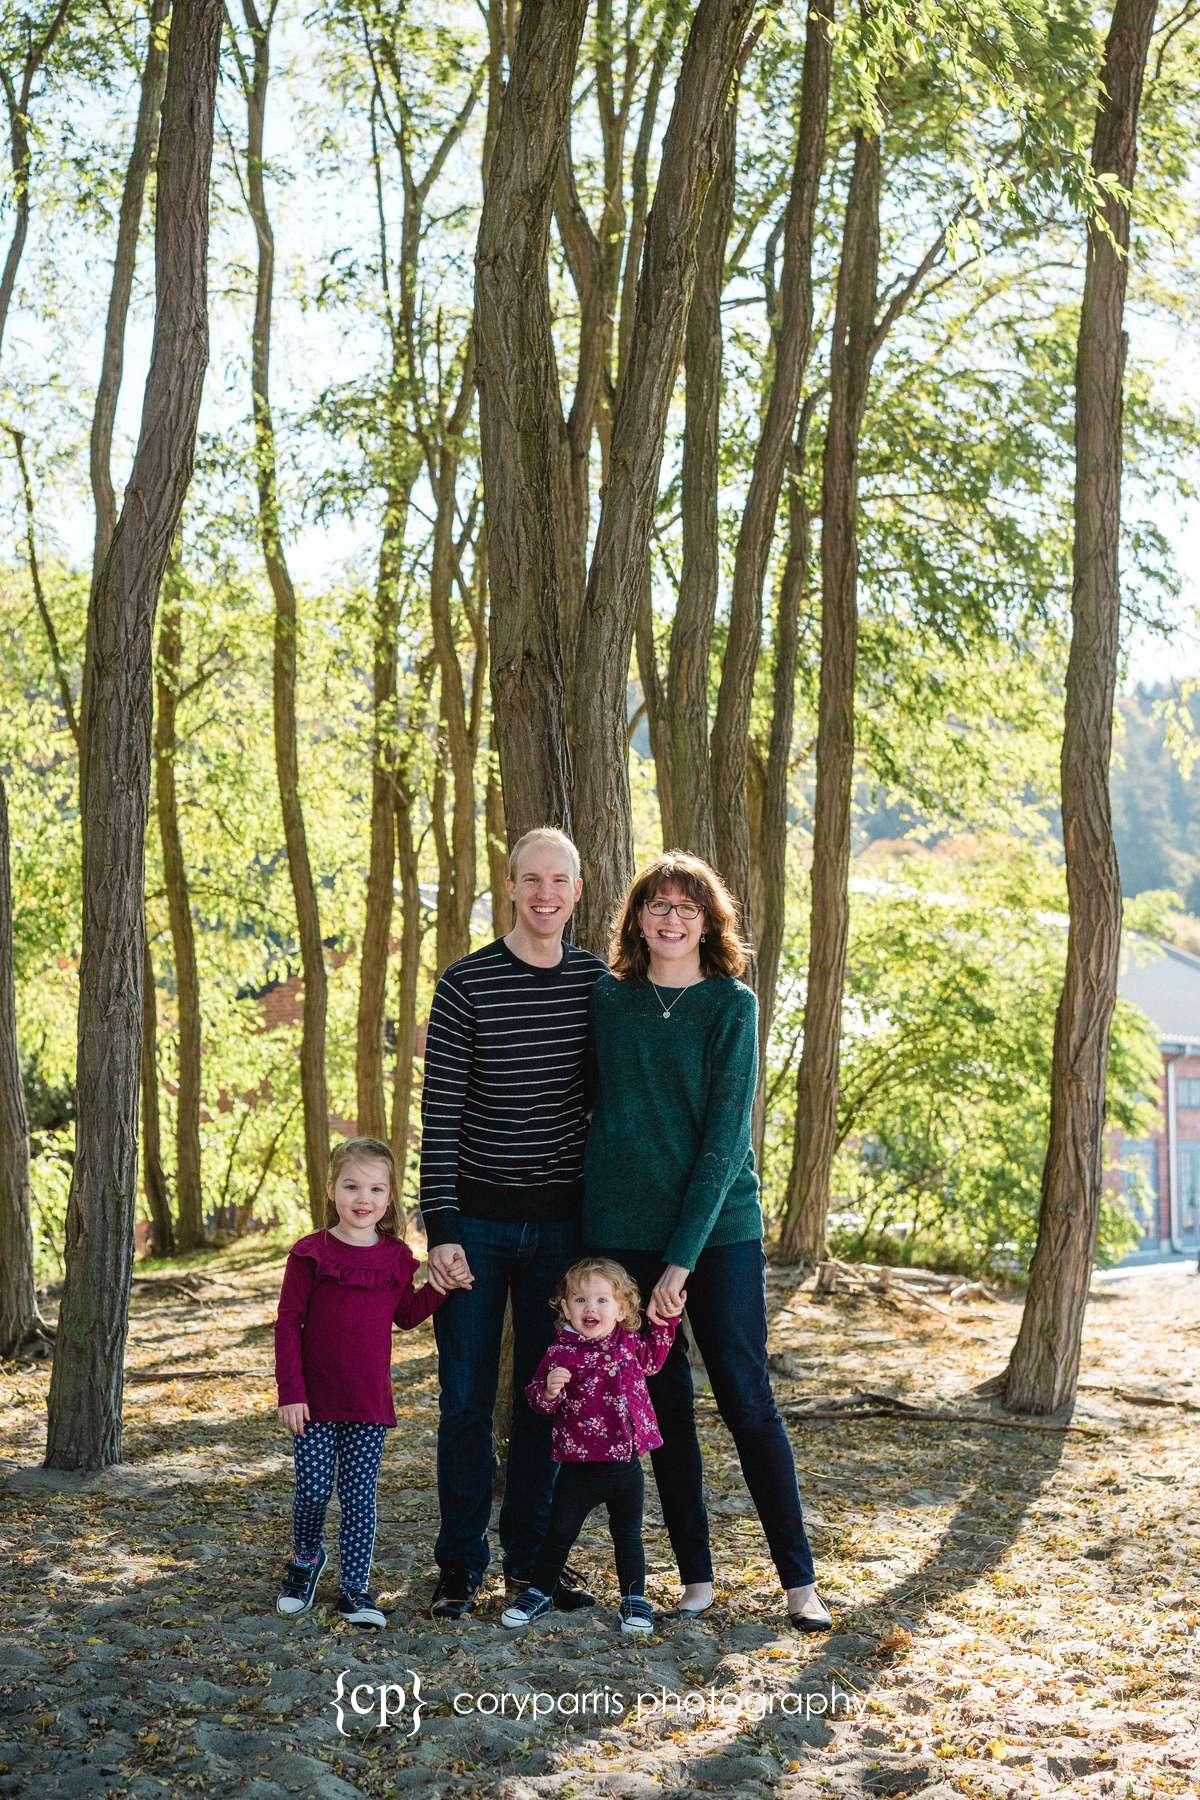 034-seattle-family-portraits-golden-gardens.jpg